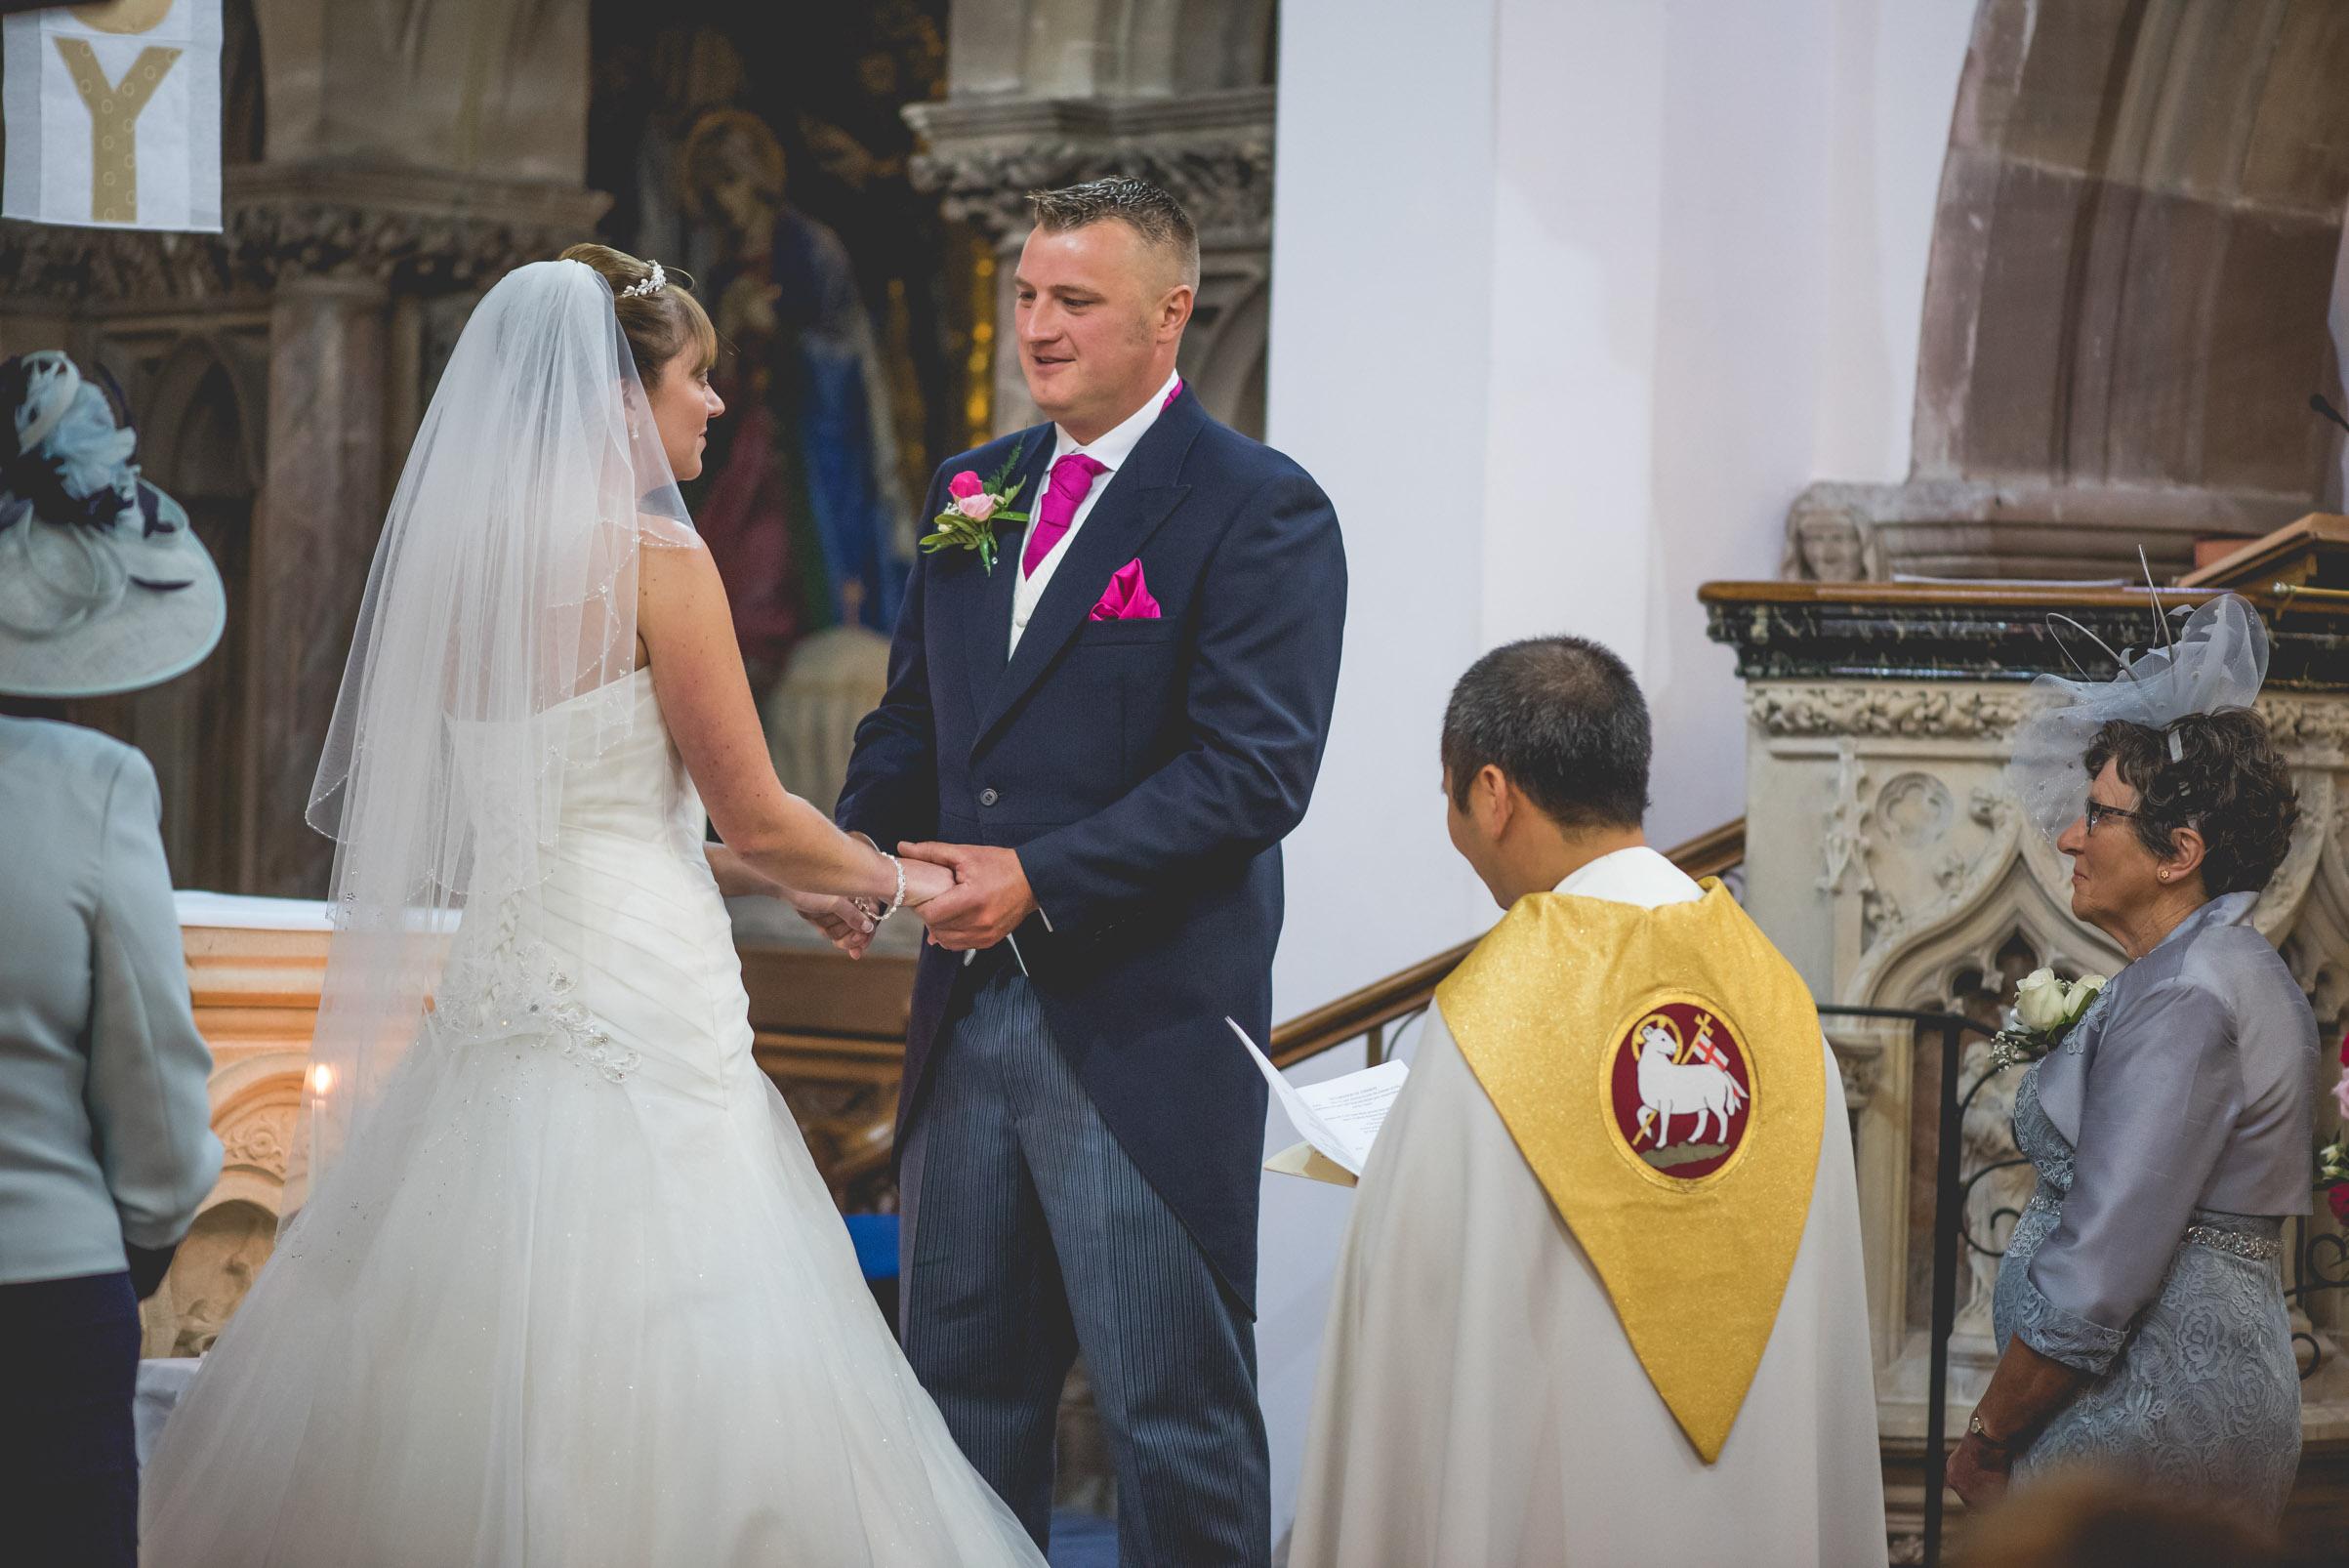 Farm-wedding-staffordshire-st-marys-catholic-church-uttoxter-34.jpg